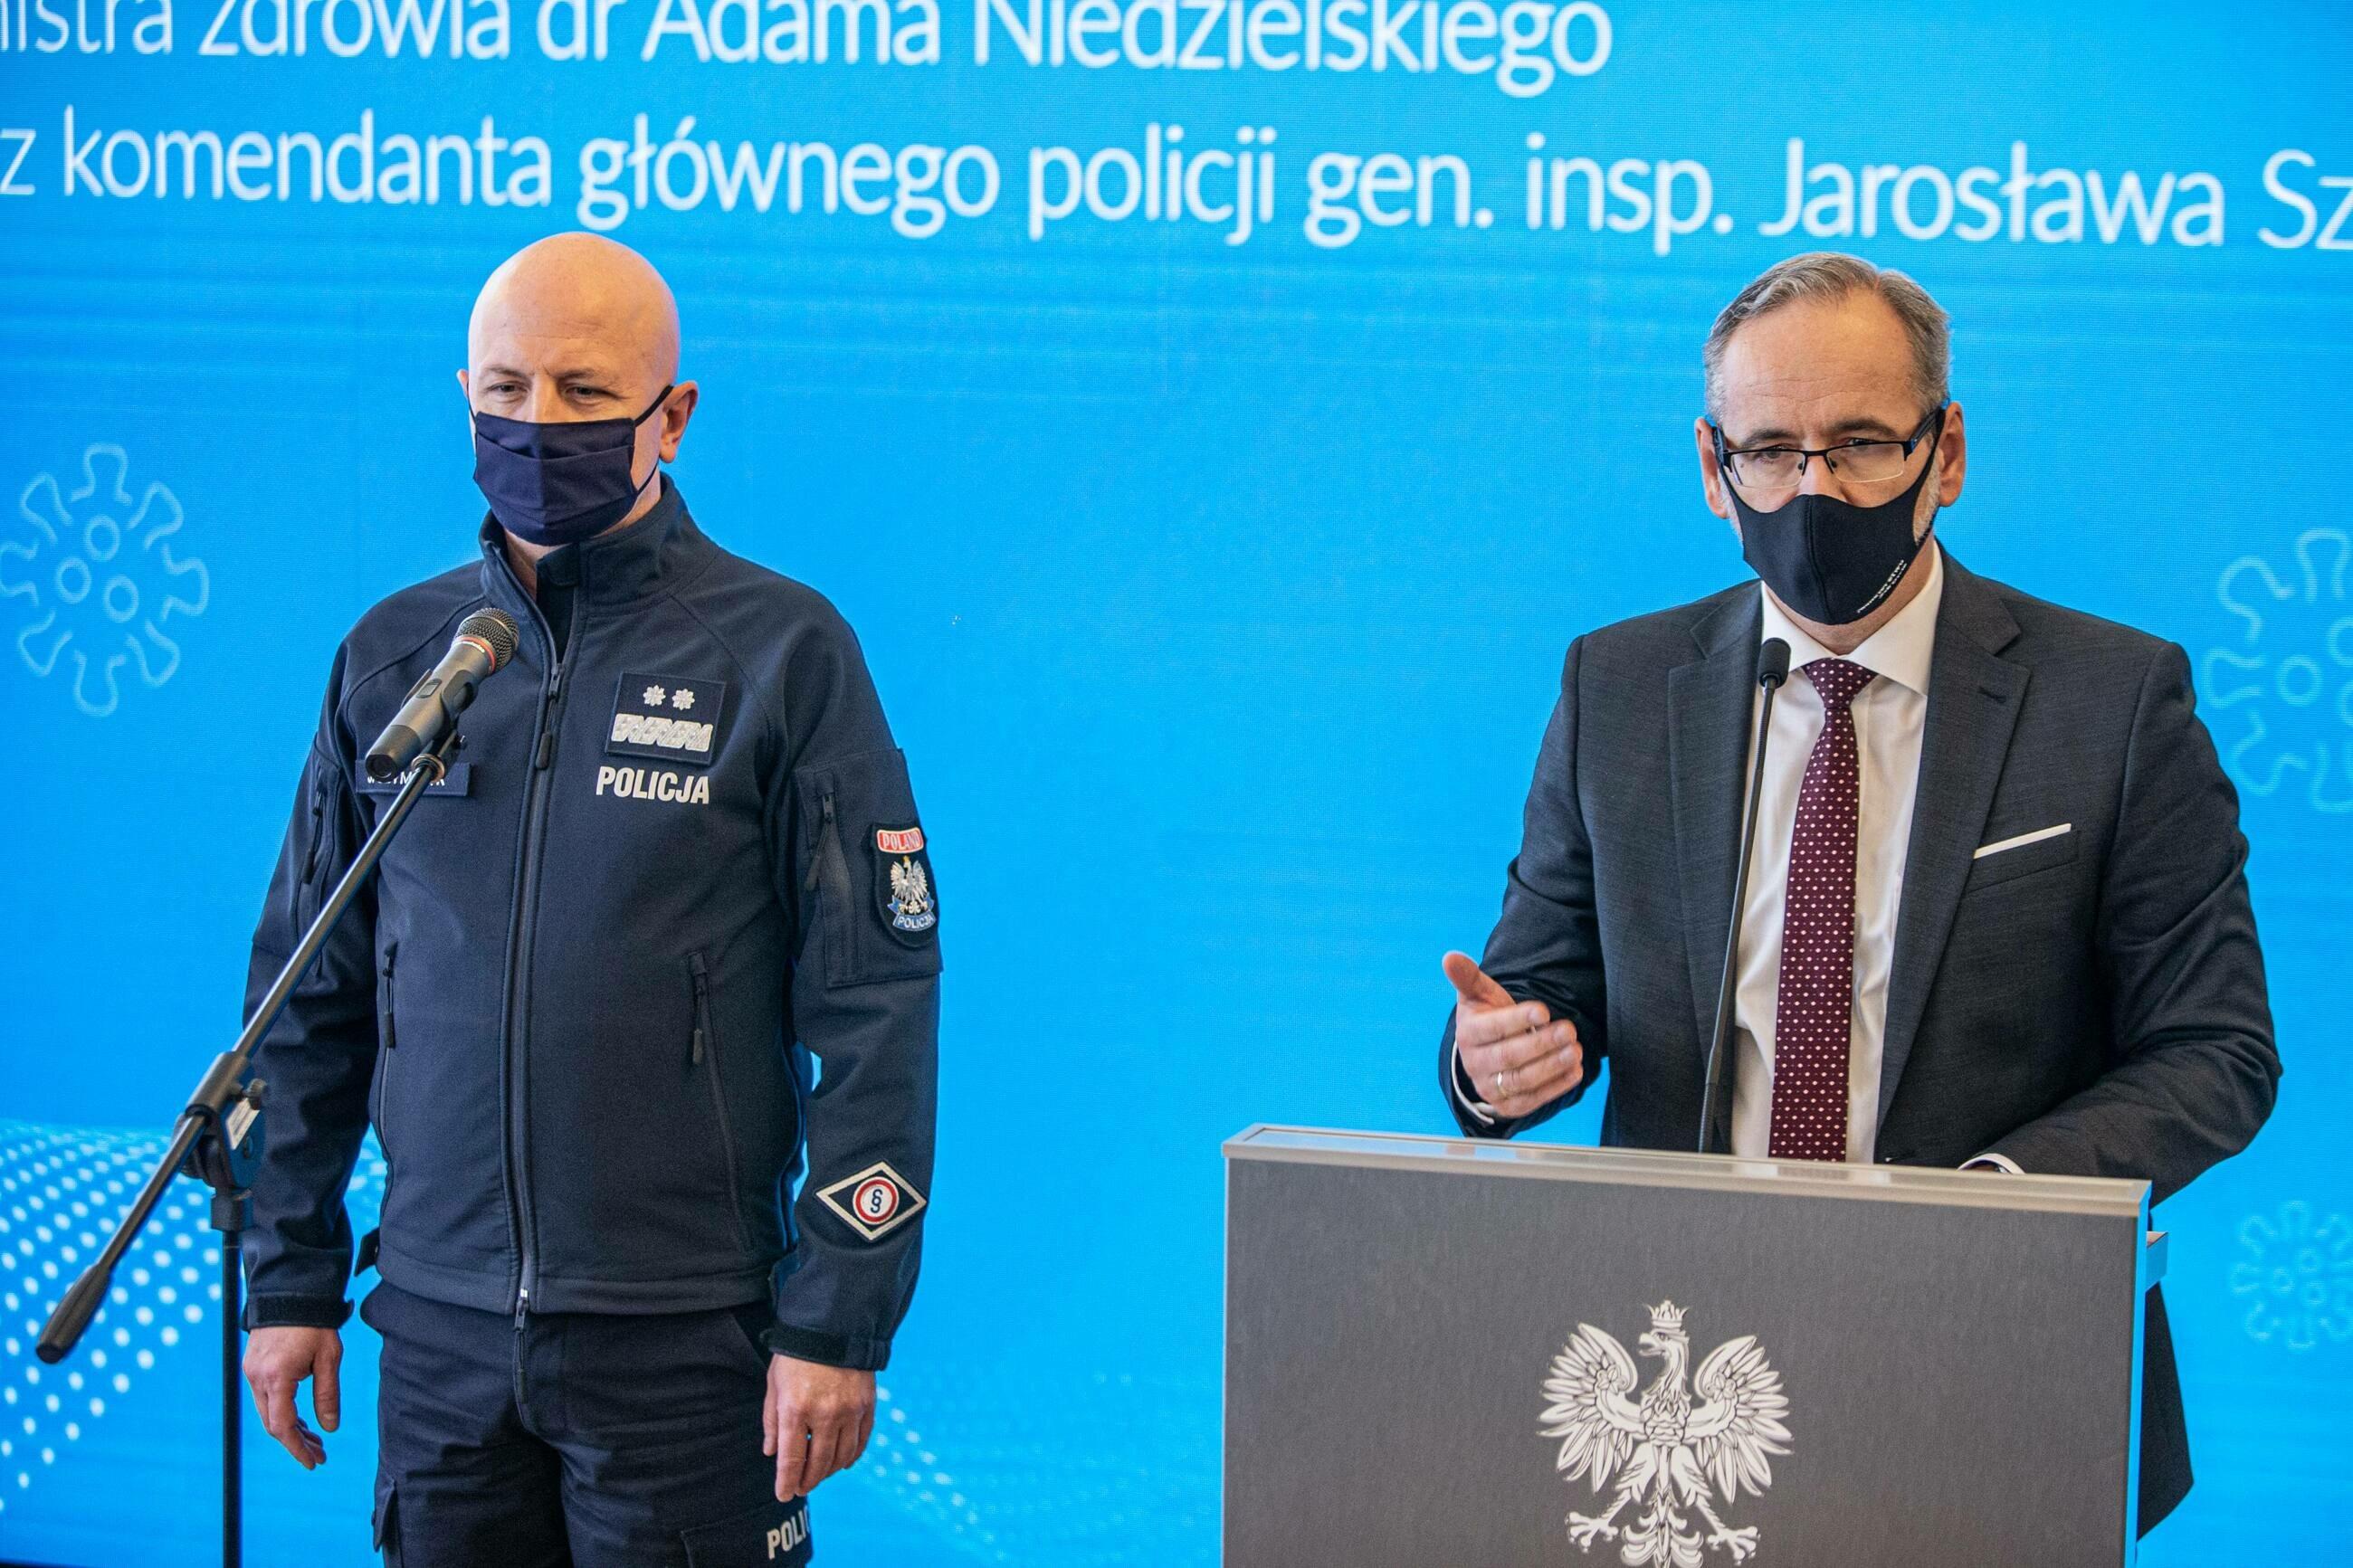 Wspólna konferencja ministra zdrowia Adama Niedzielskiego i szefa policji Jarosława Szymczyka